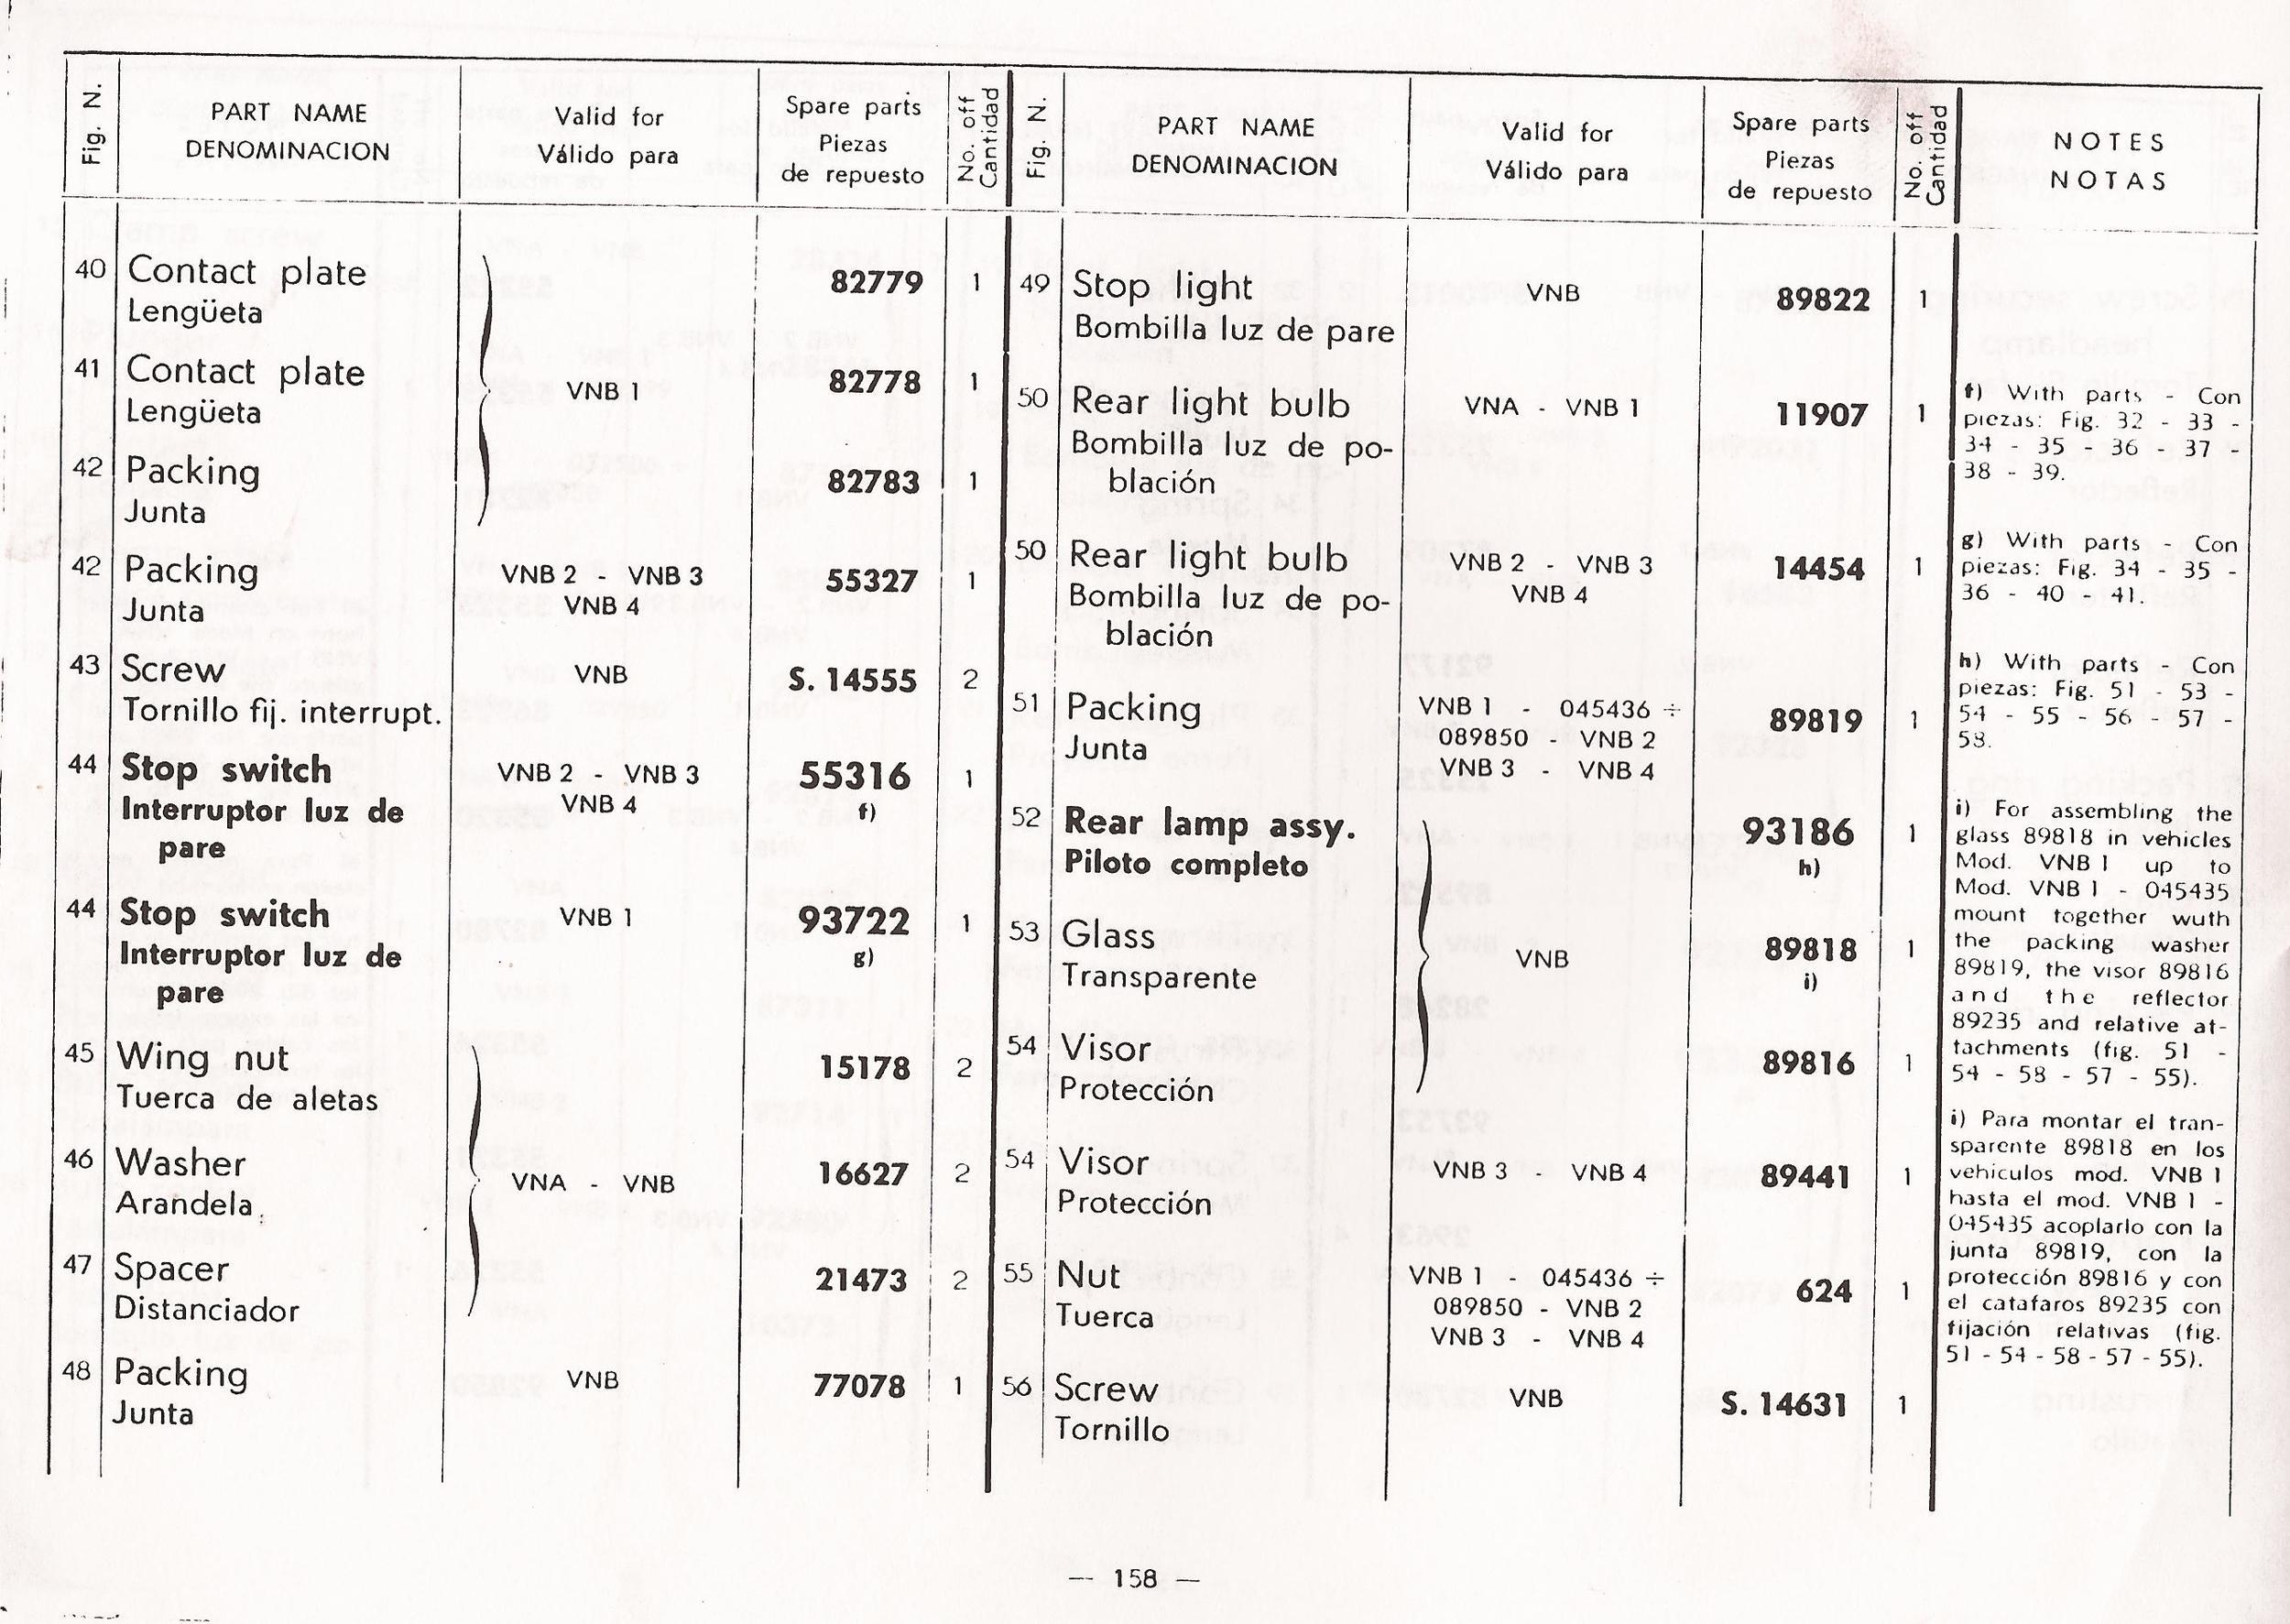 07-16-2013 vespa 125 catalog manuel 167.jpg